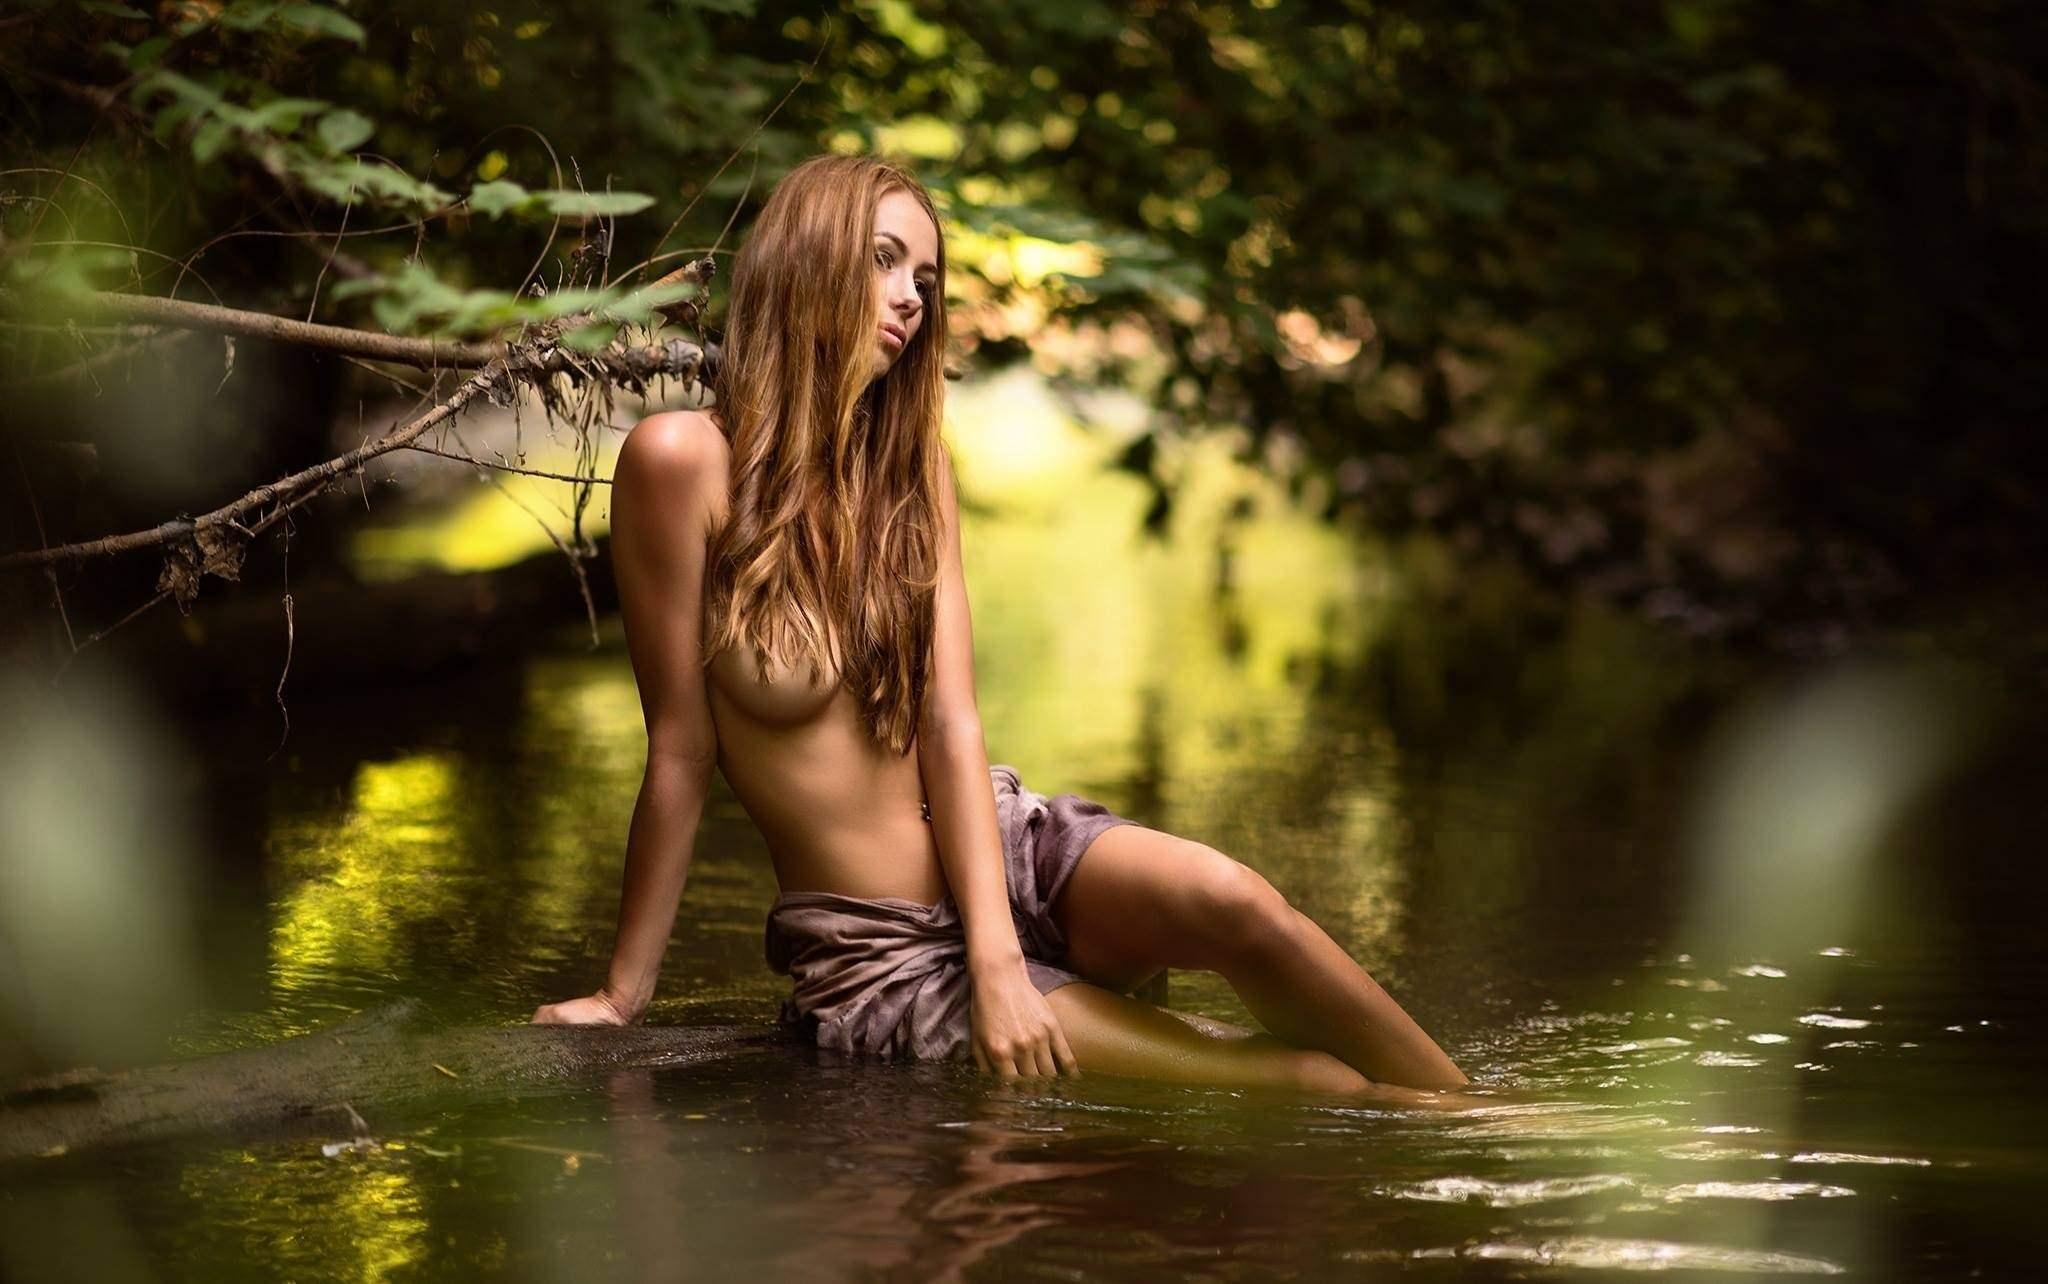 Фото Девушка в воде, река, зелень, мокрые ножки, длинные намокшие волосы скрывают обнаженную грудь, скачать картинку бесплатно